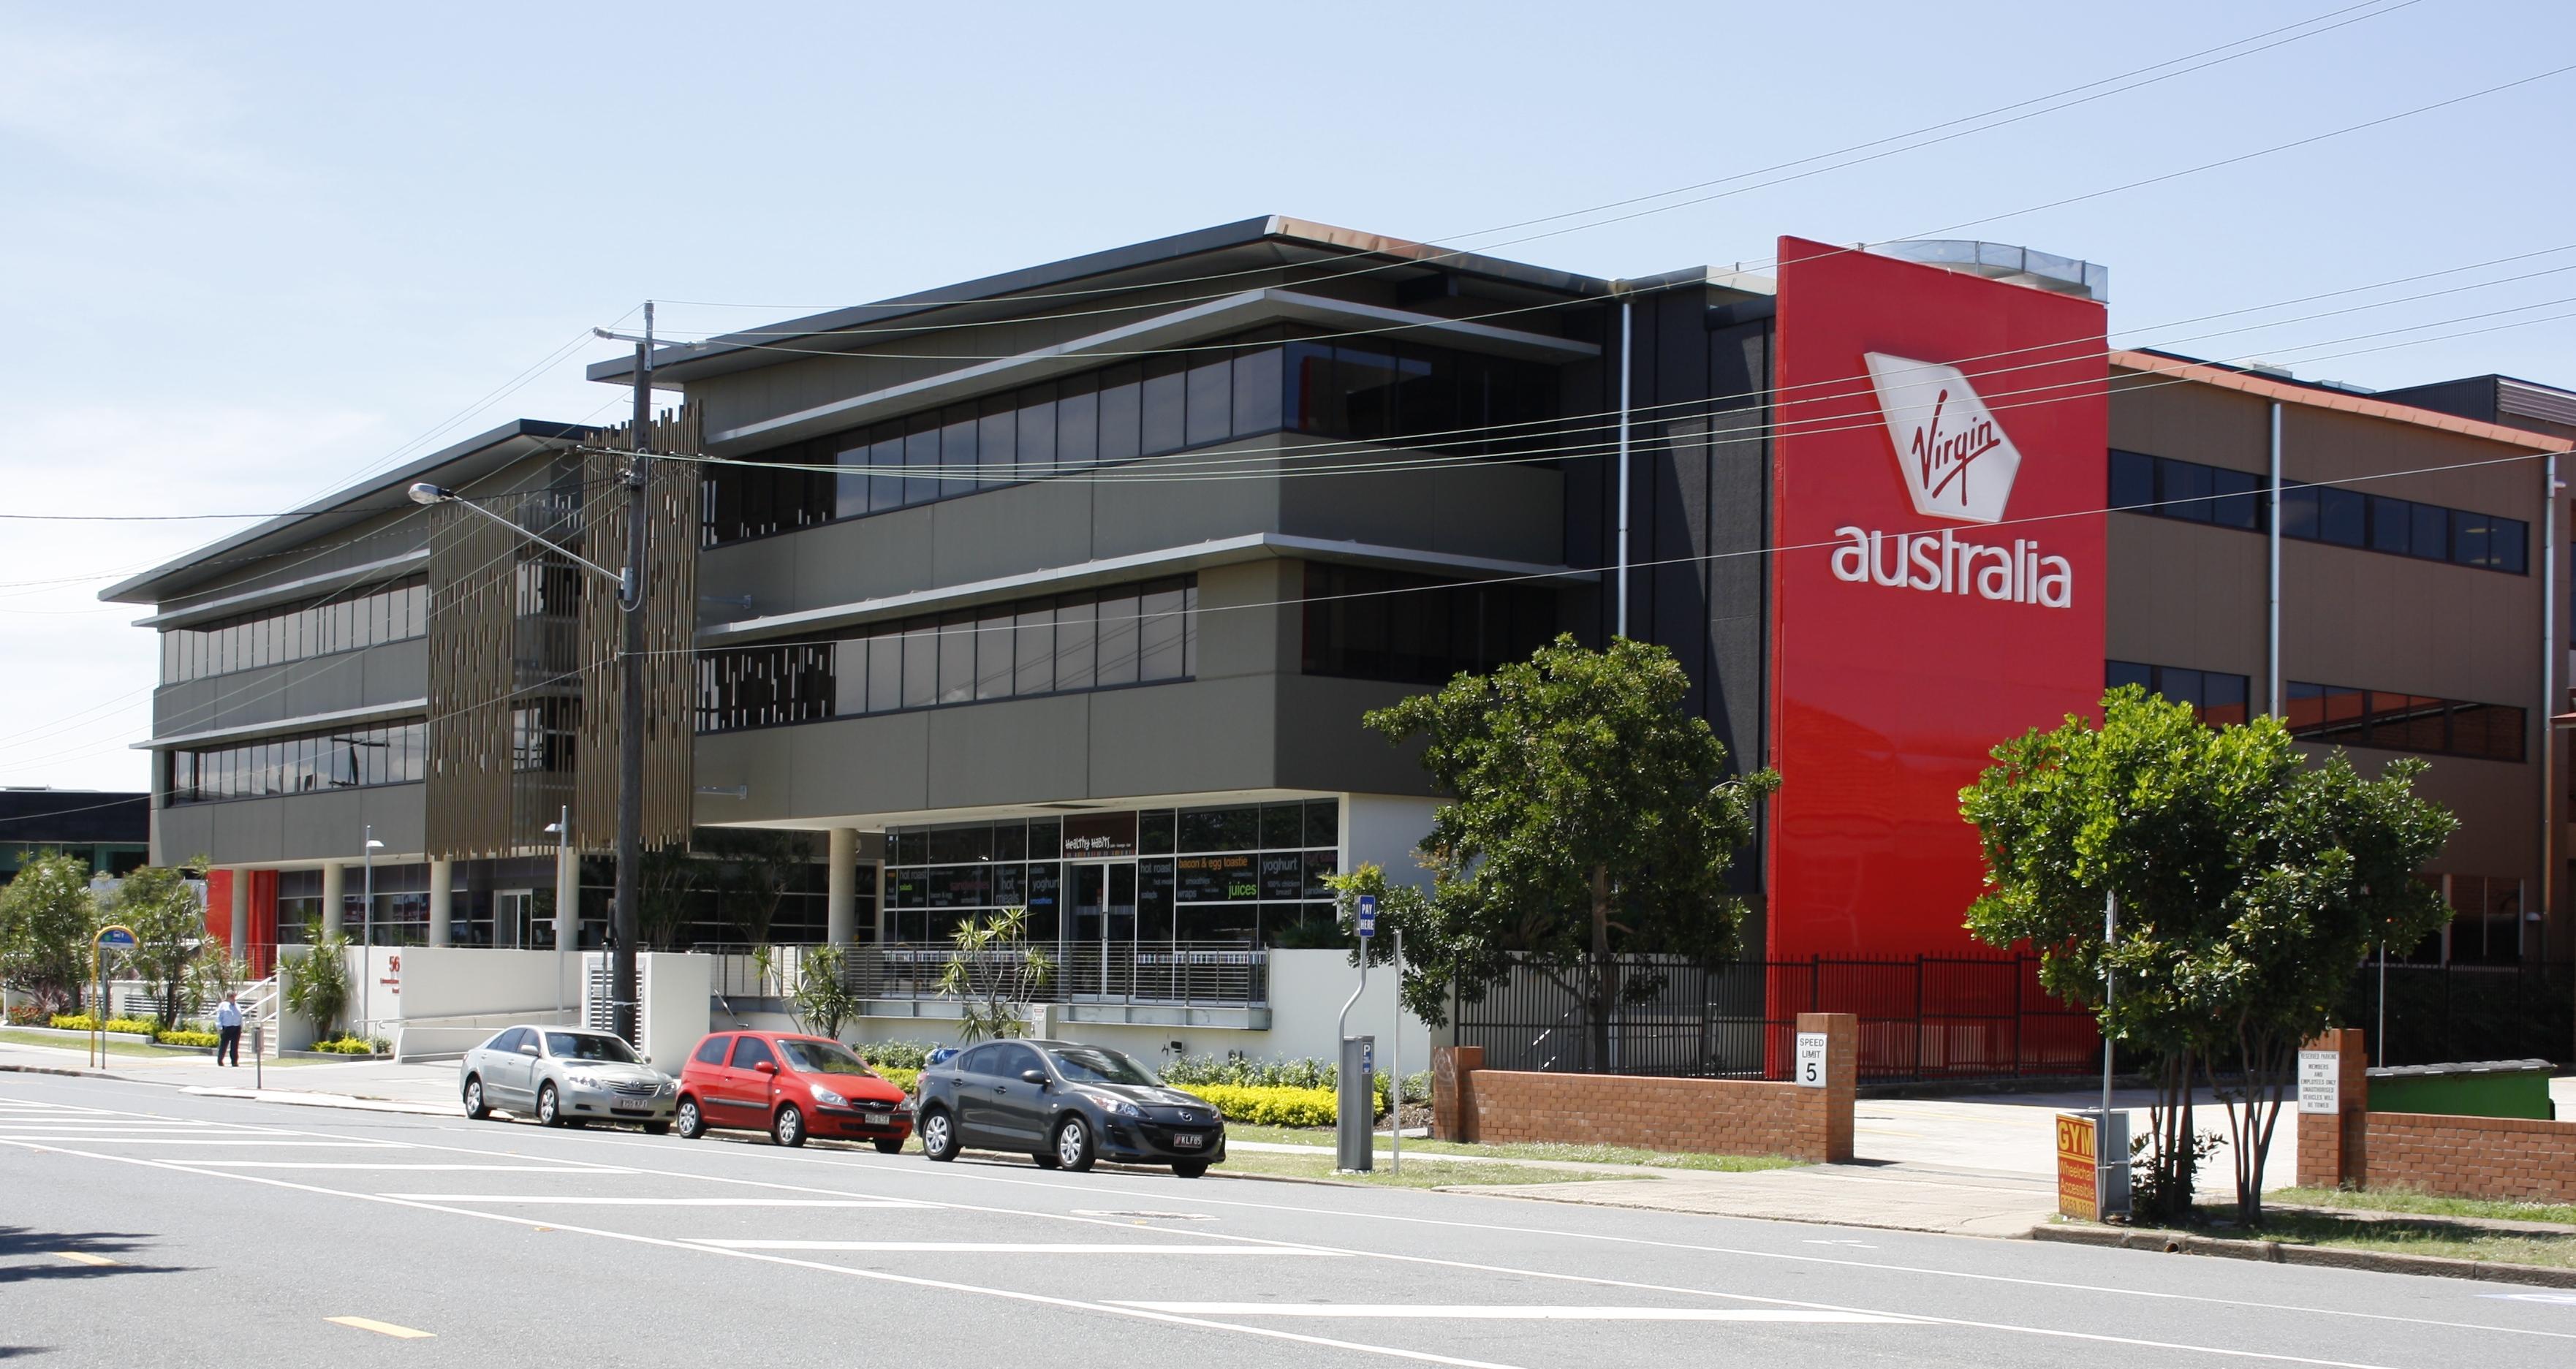 australia head office of virgin group (4)